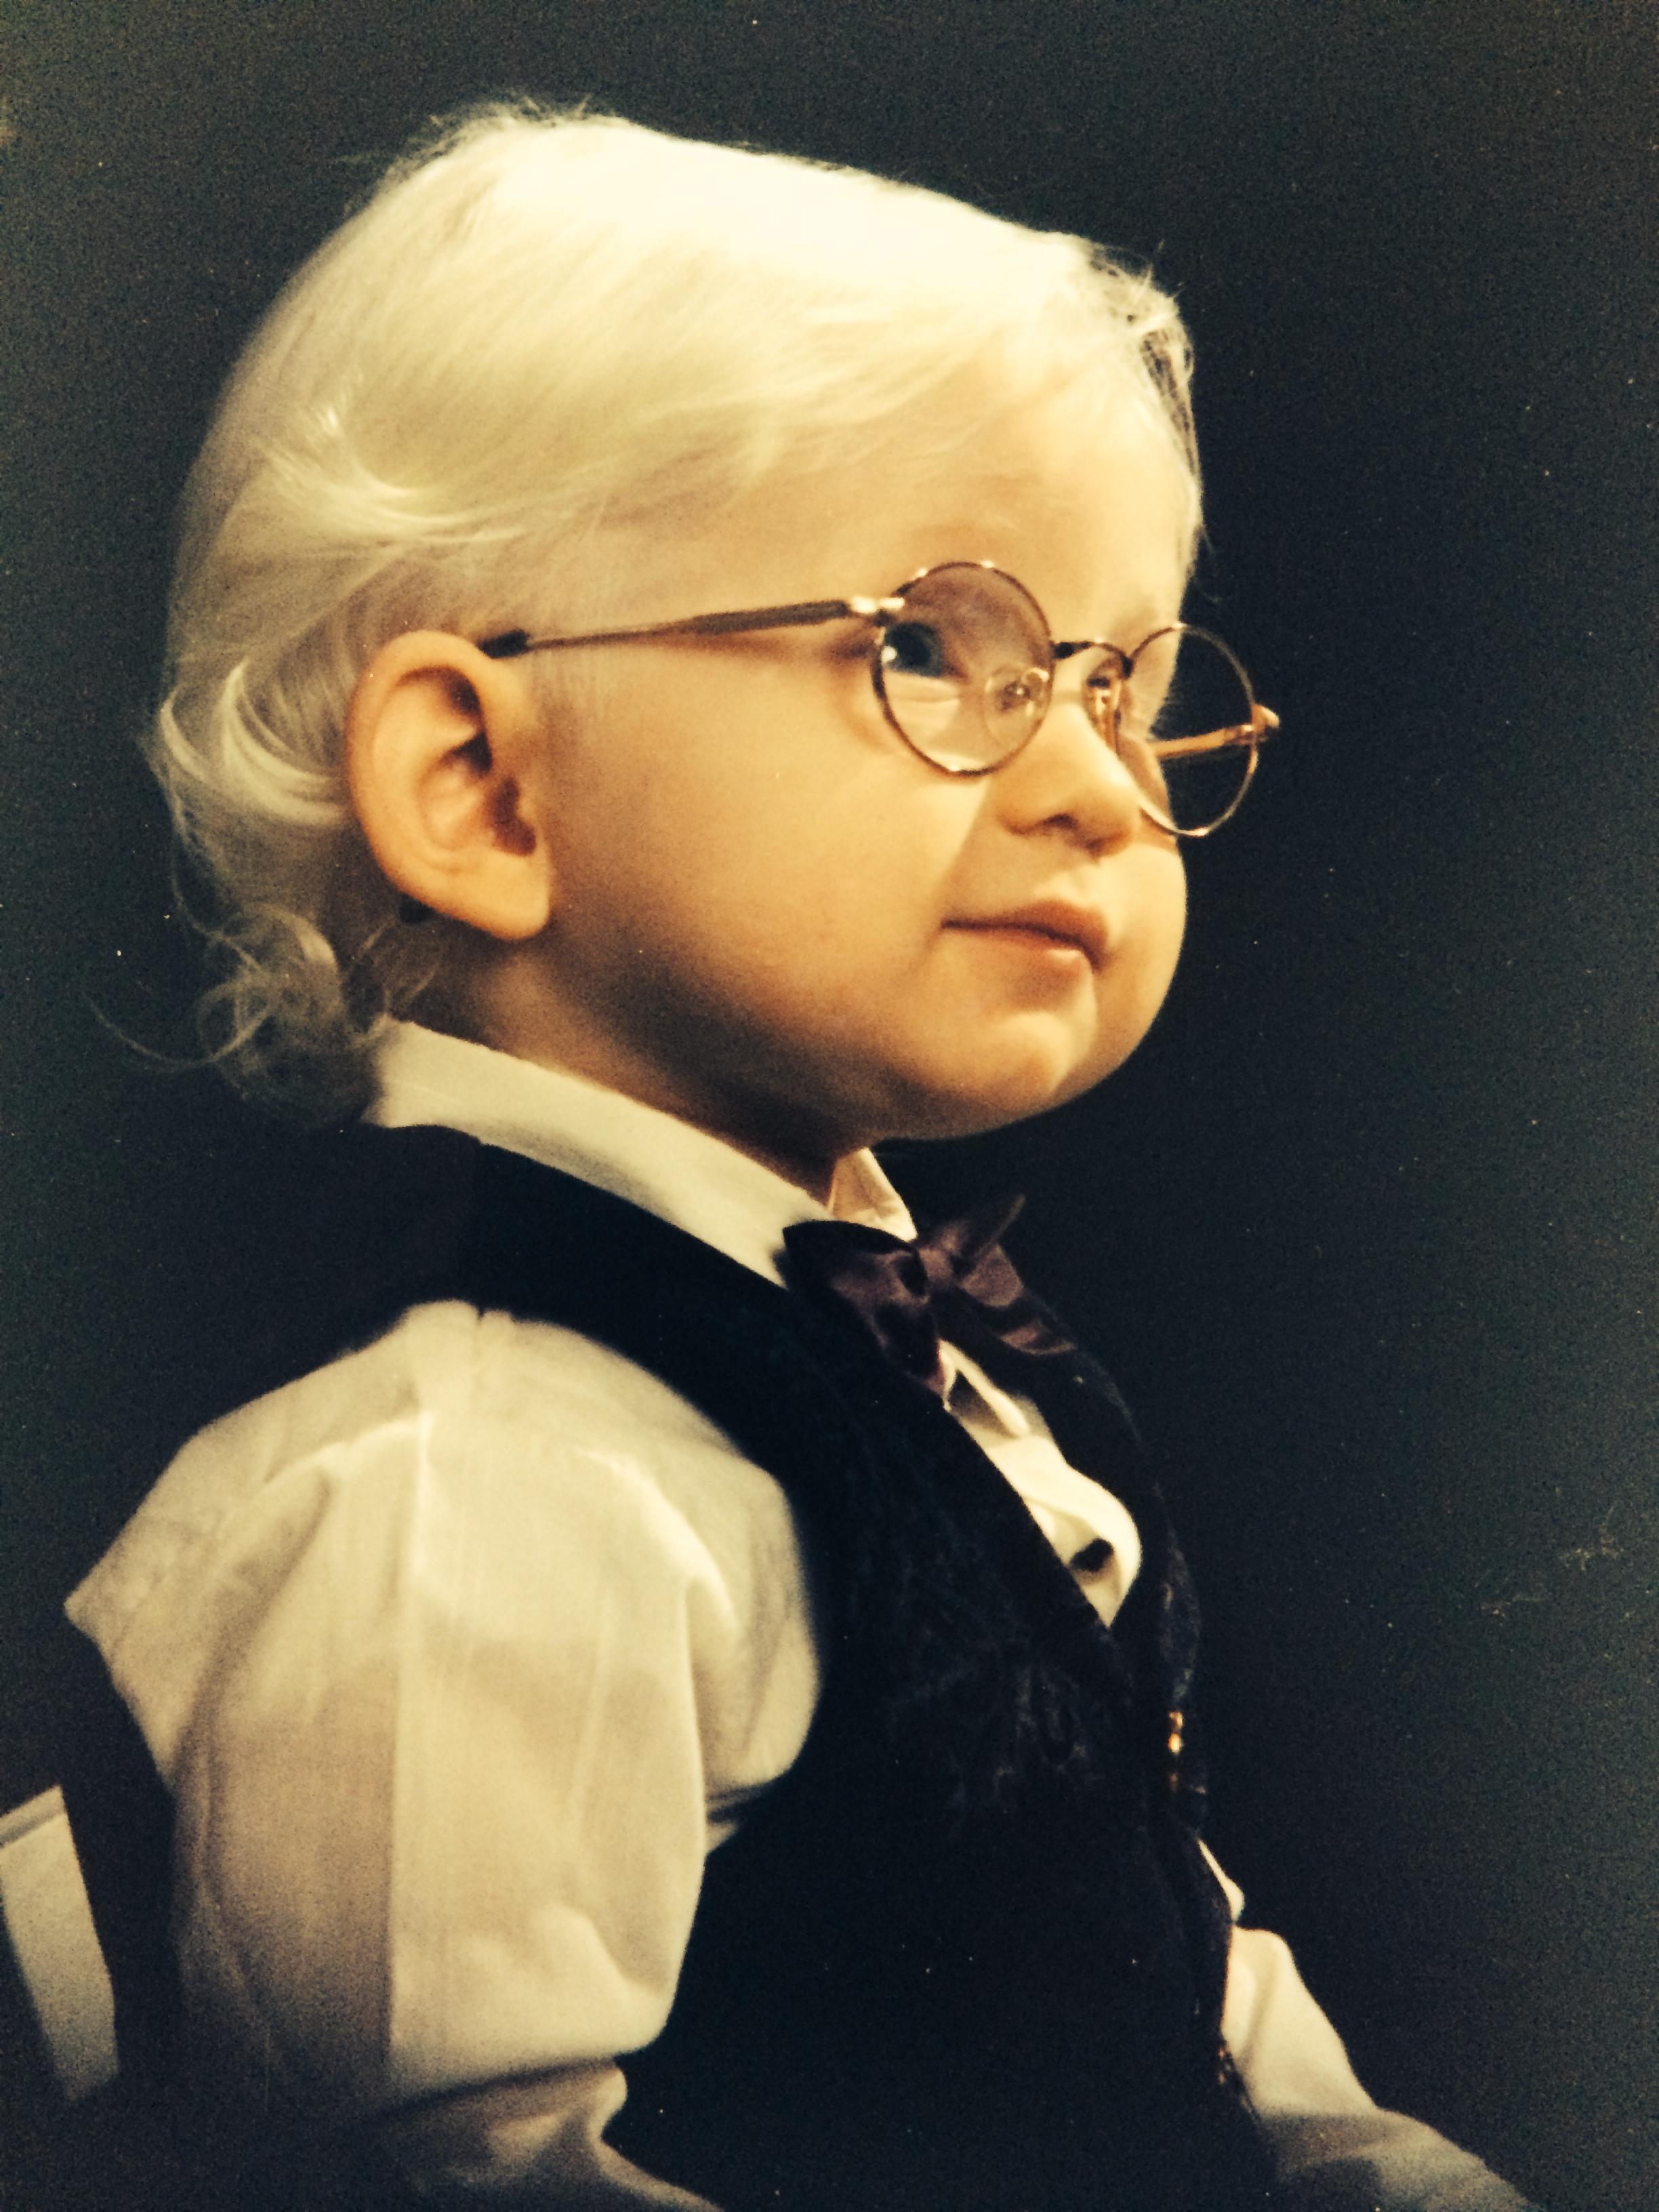 Ryan at age 1